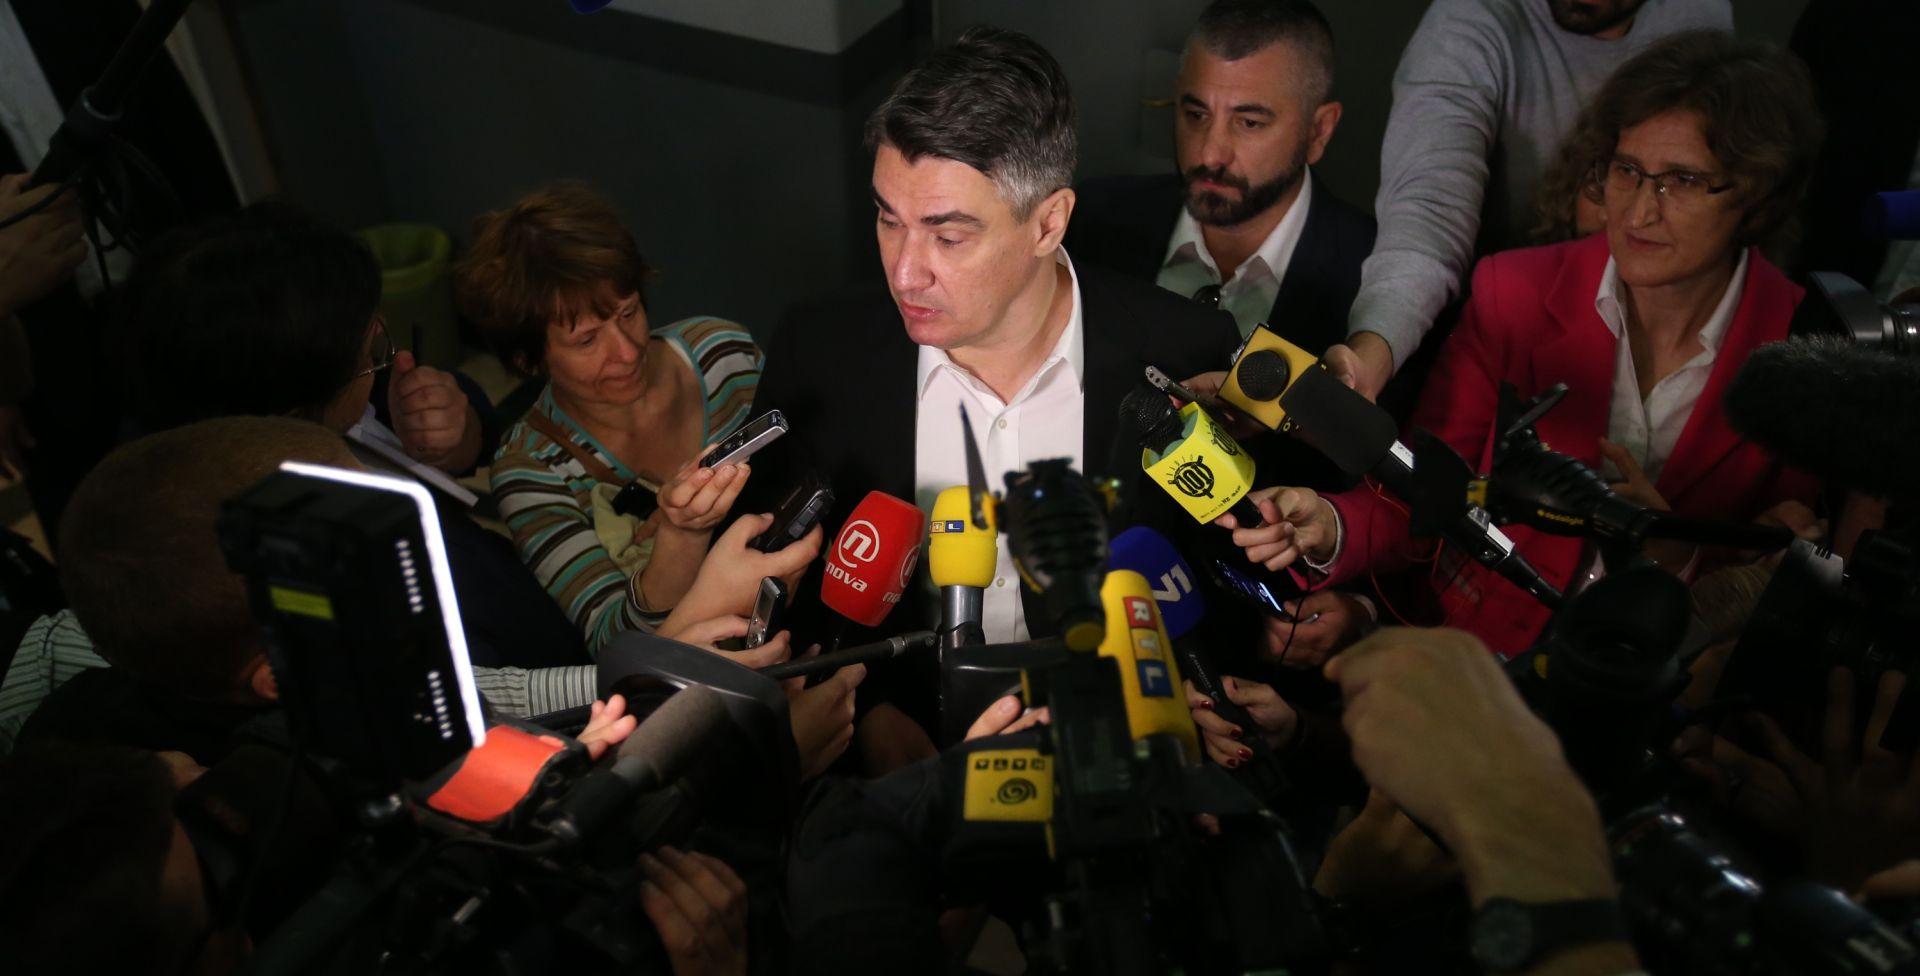 Milanović : HDZ-ov izborni program nudi nerealna obećanja i ogromne troškove